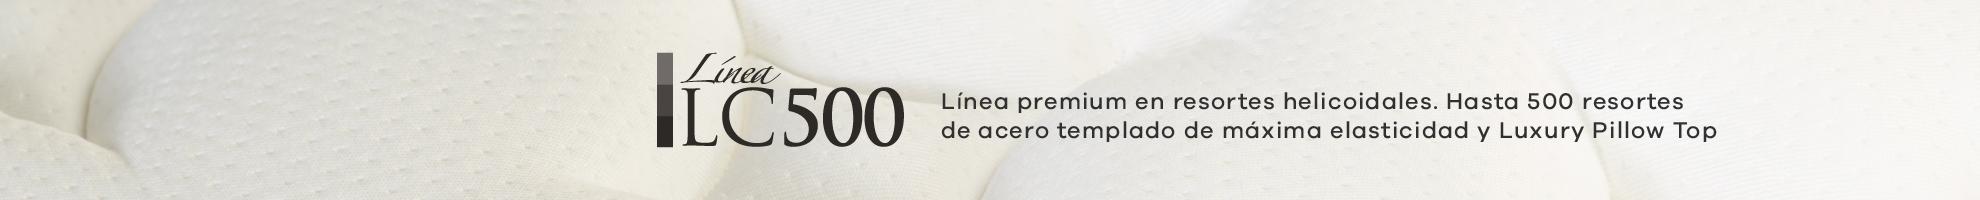 Linea LC 500